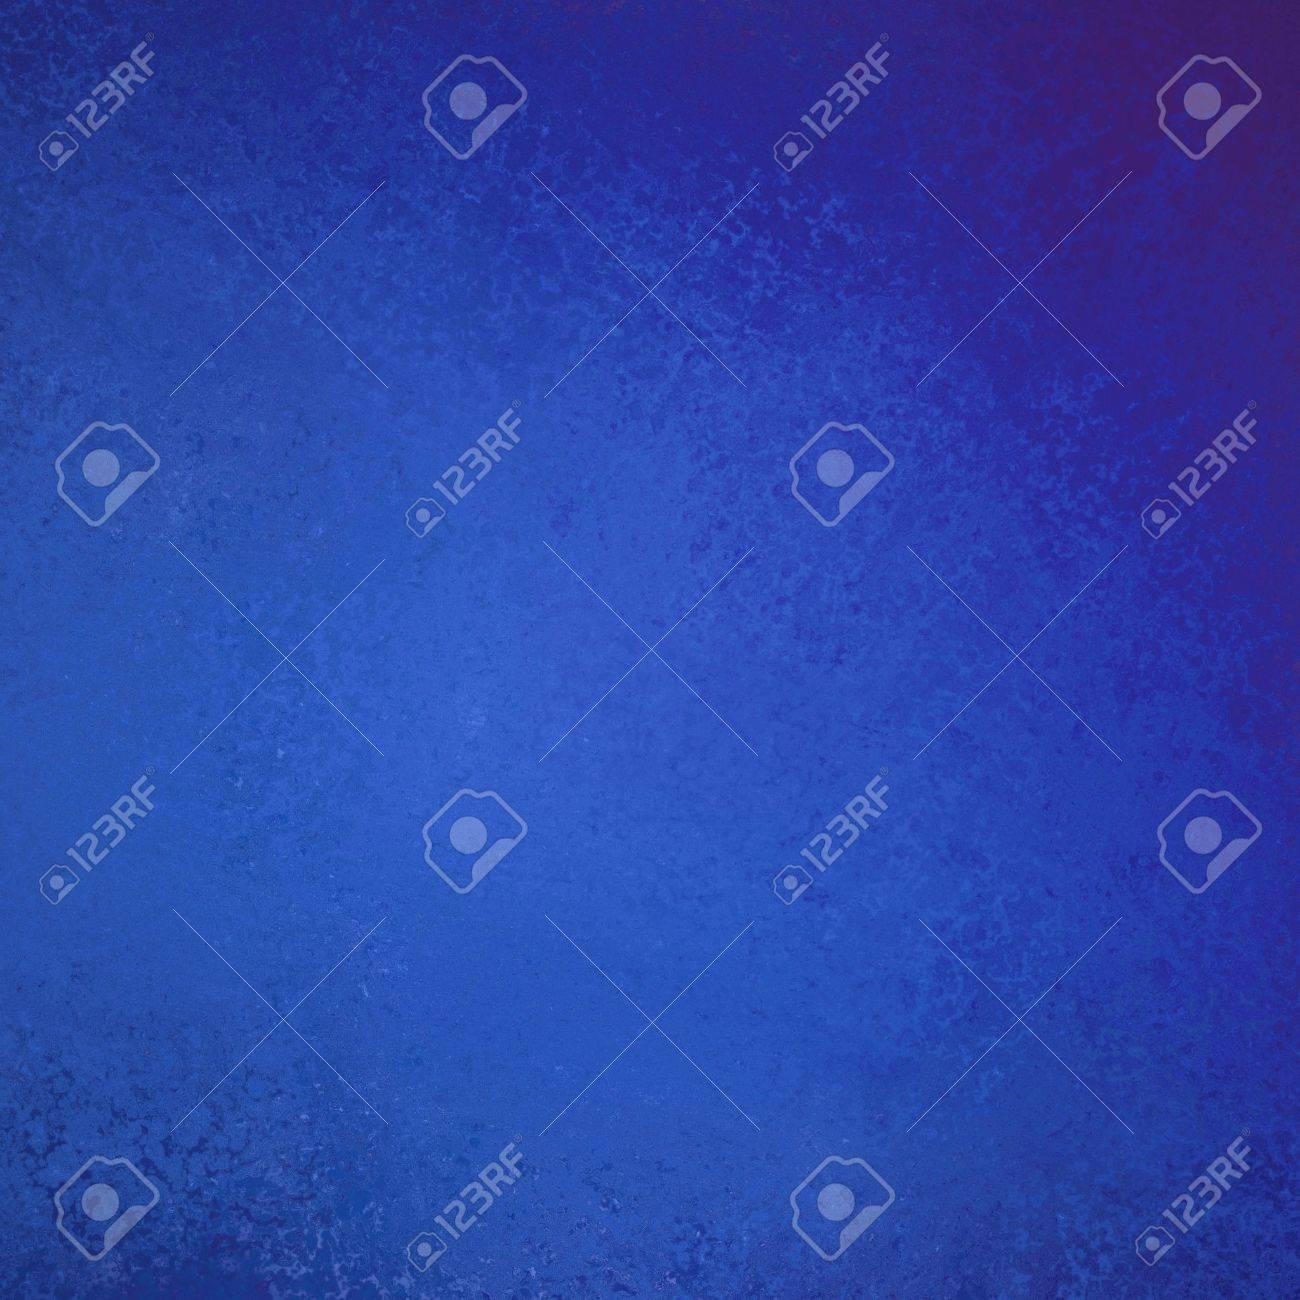 Bleu Vif Et Fond Bleu Fonce Texture Disposition Banque D Images Et